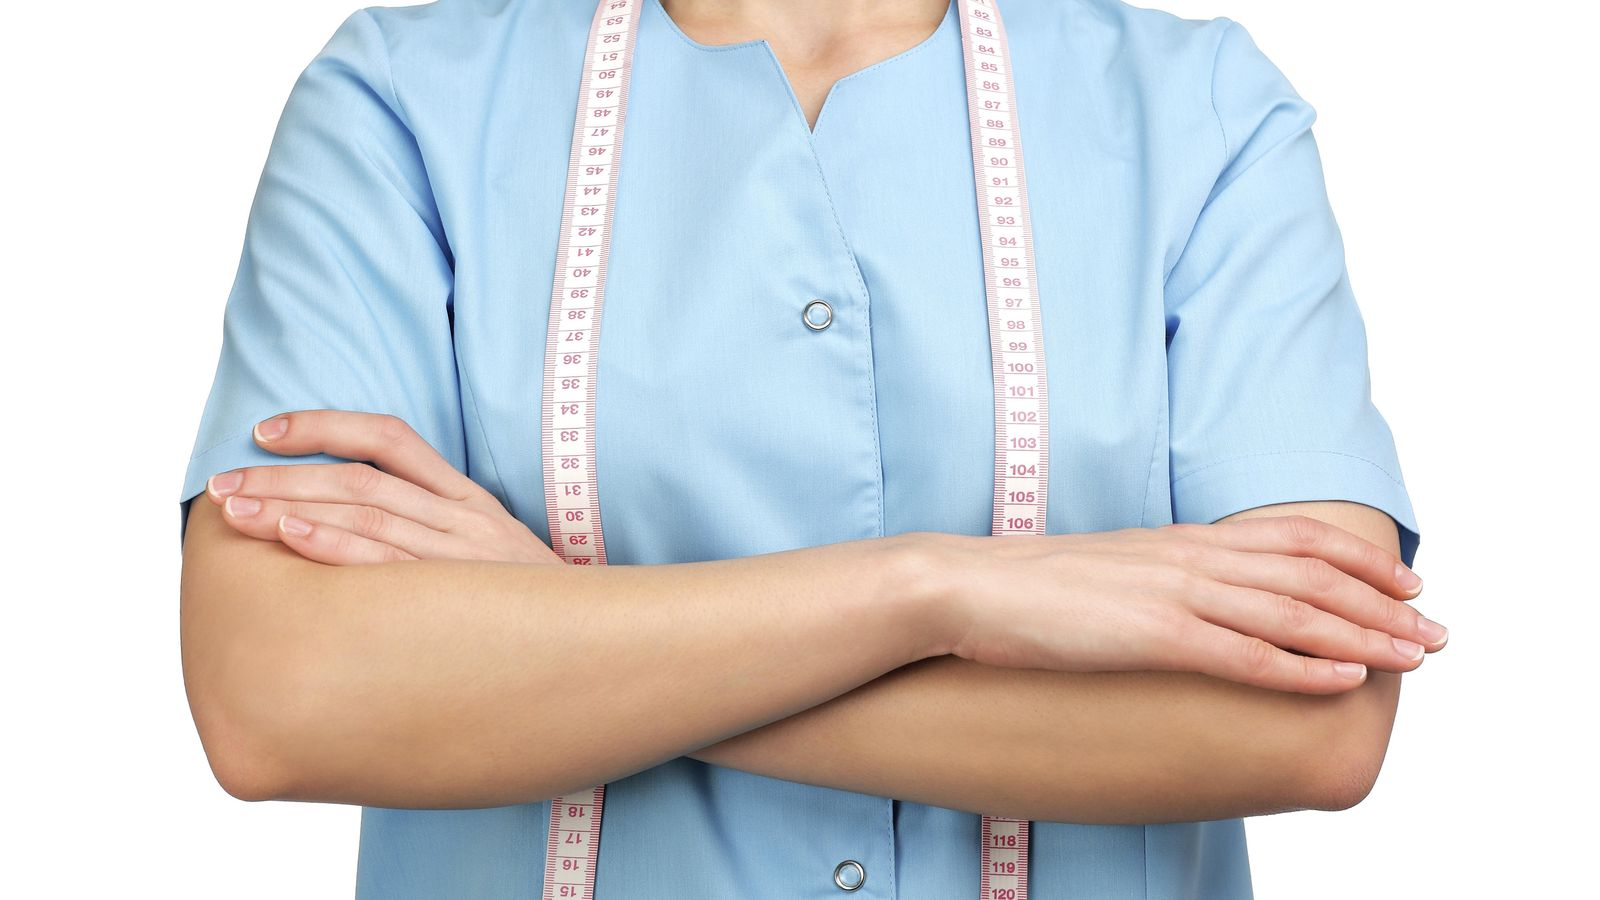 Foto: Haz caso de los expertos en medicina y evita las enfermedades relacionadas con la gran epidemia mundial. (iStock)